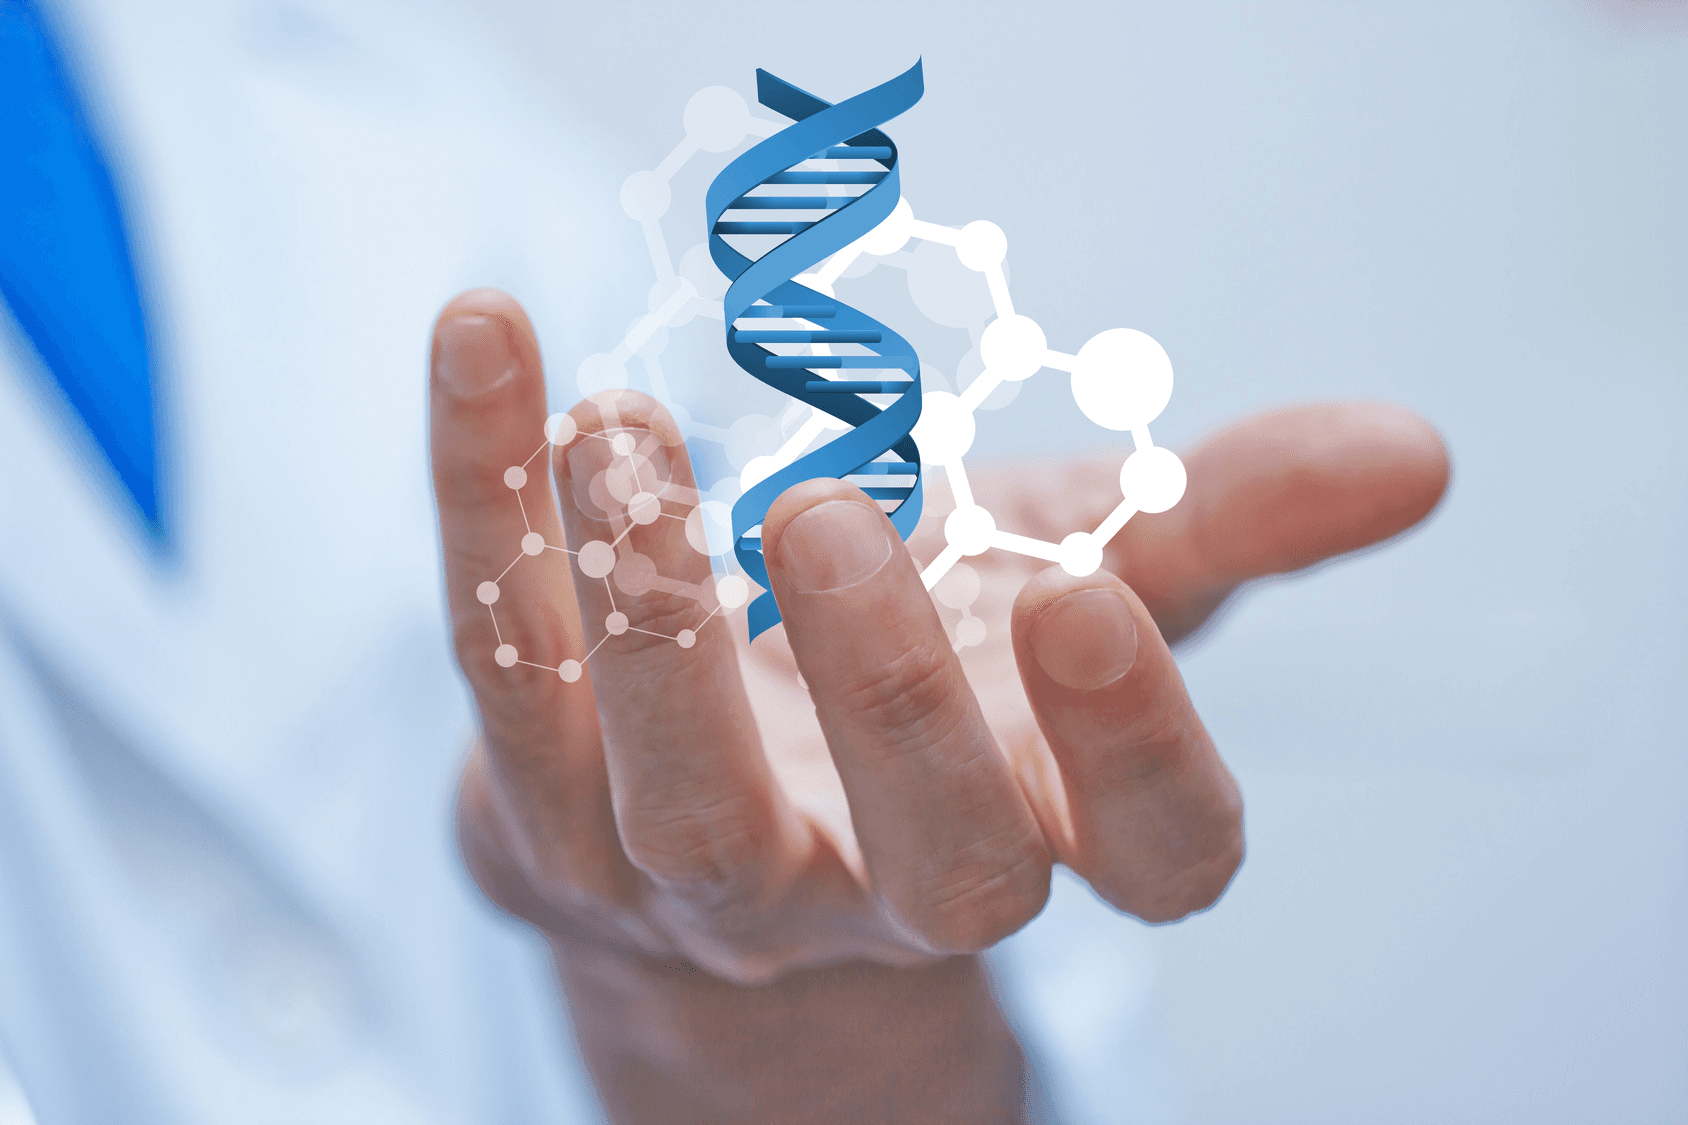 Unsere Laboranalysen – Wieso, Was und Wie?